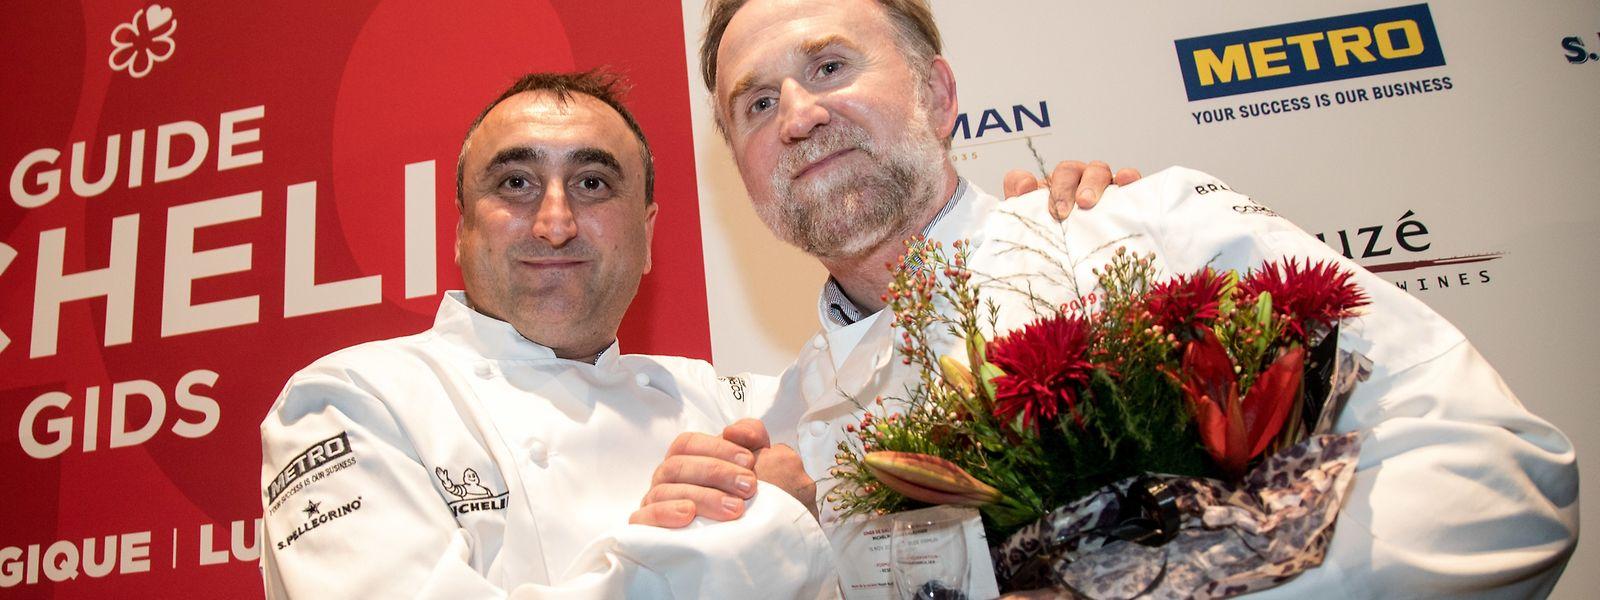 Christophe Quentin, à gauche, a reçu sa première étoile, et Cyril Molard, à droite, une deuxième.